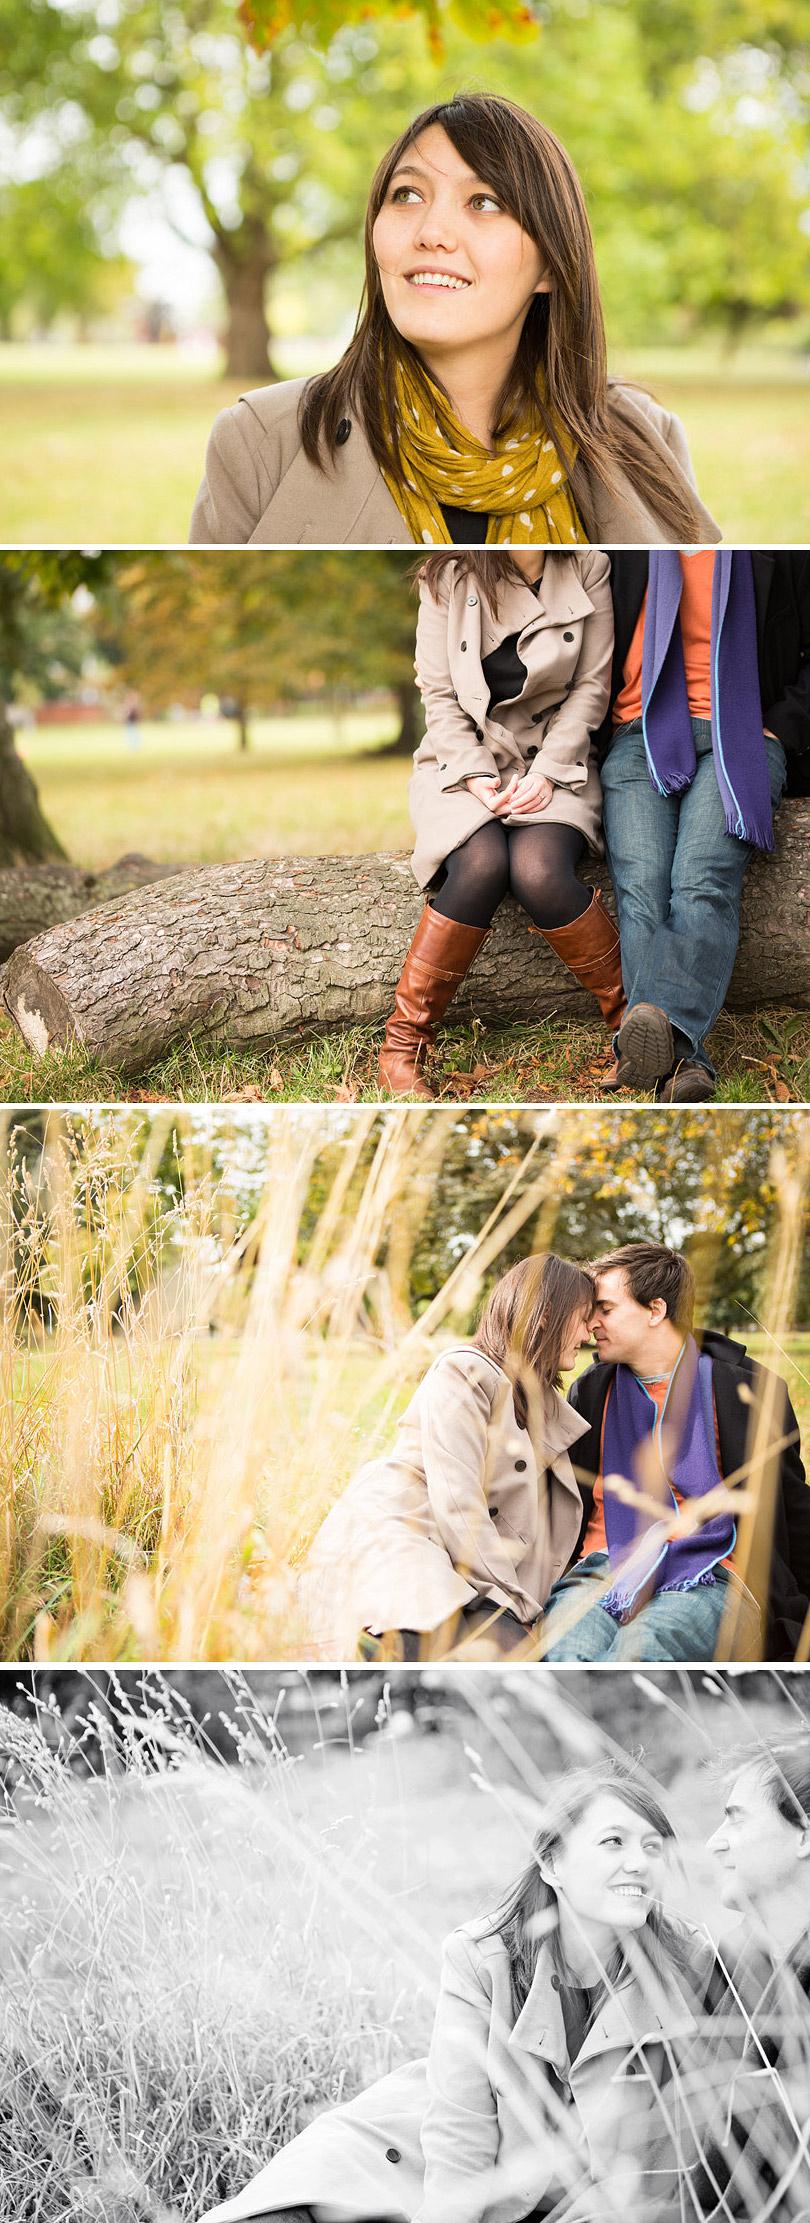 Vicky&Lewis-Beloved-4.jpg